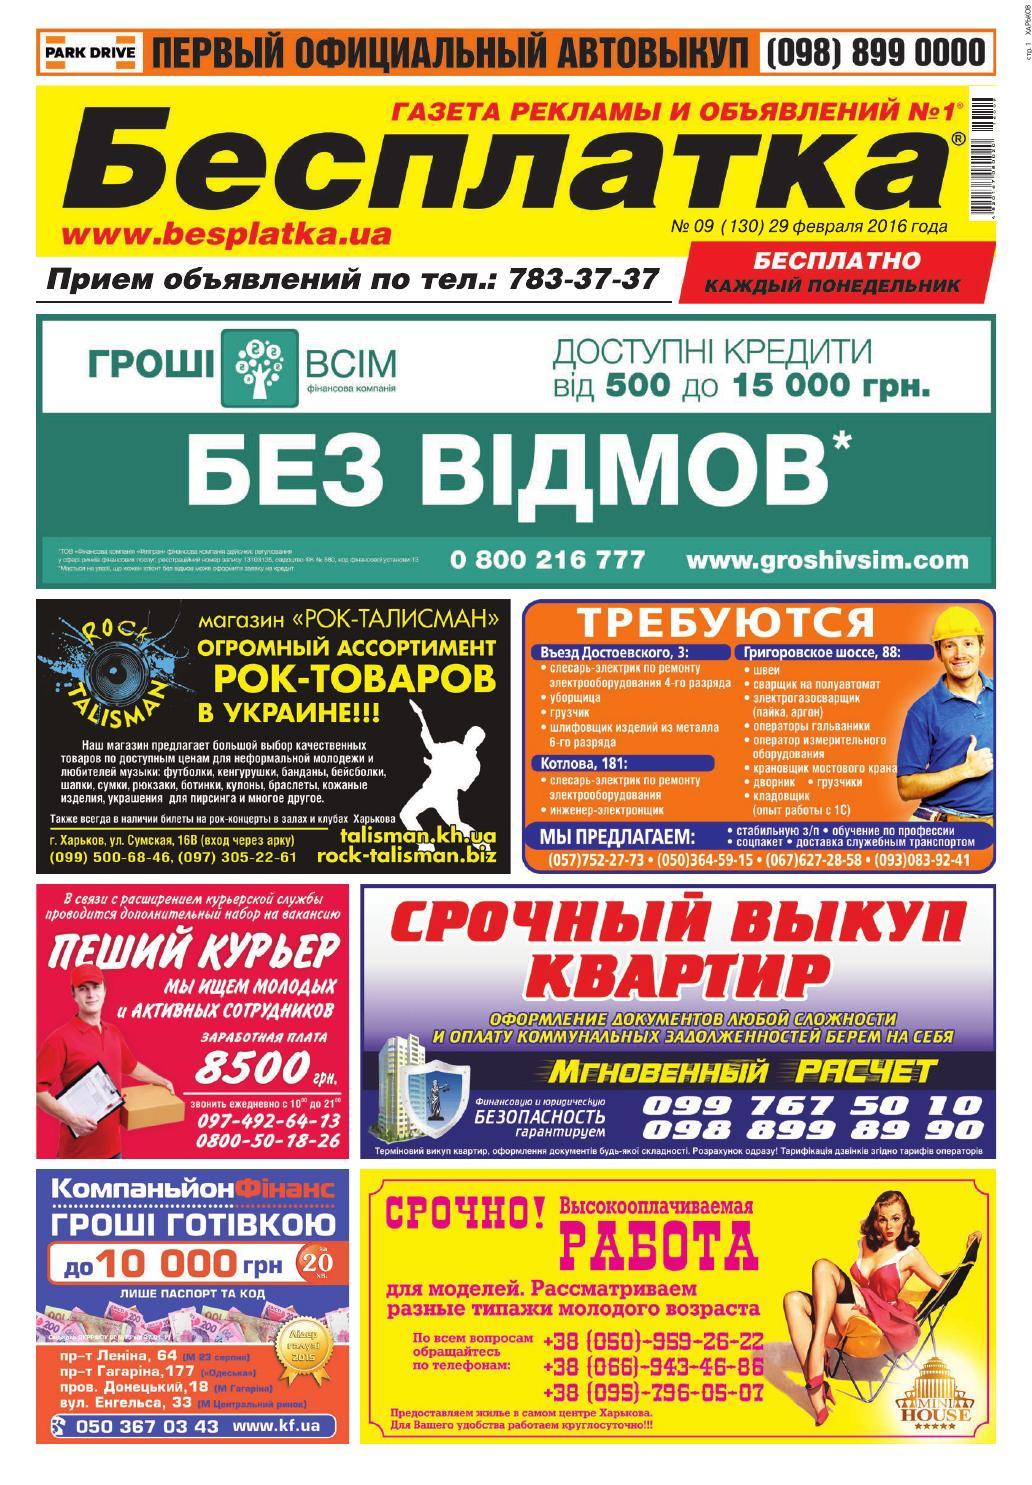 Besplatka  09 Харьков by besplatka ukraine - issuu 5350fc891f848